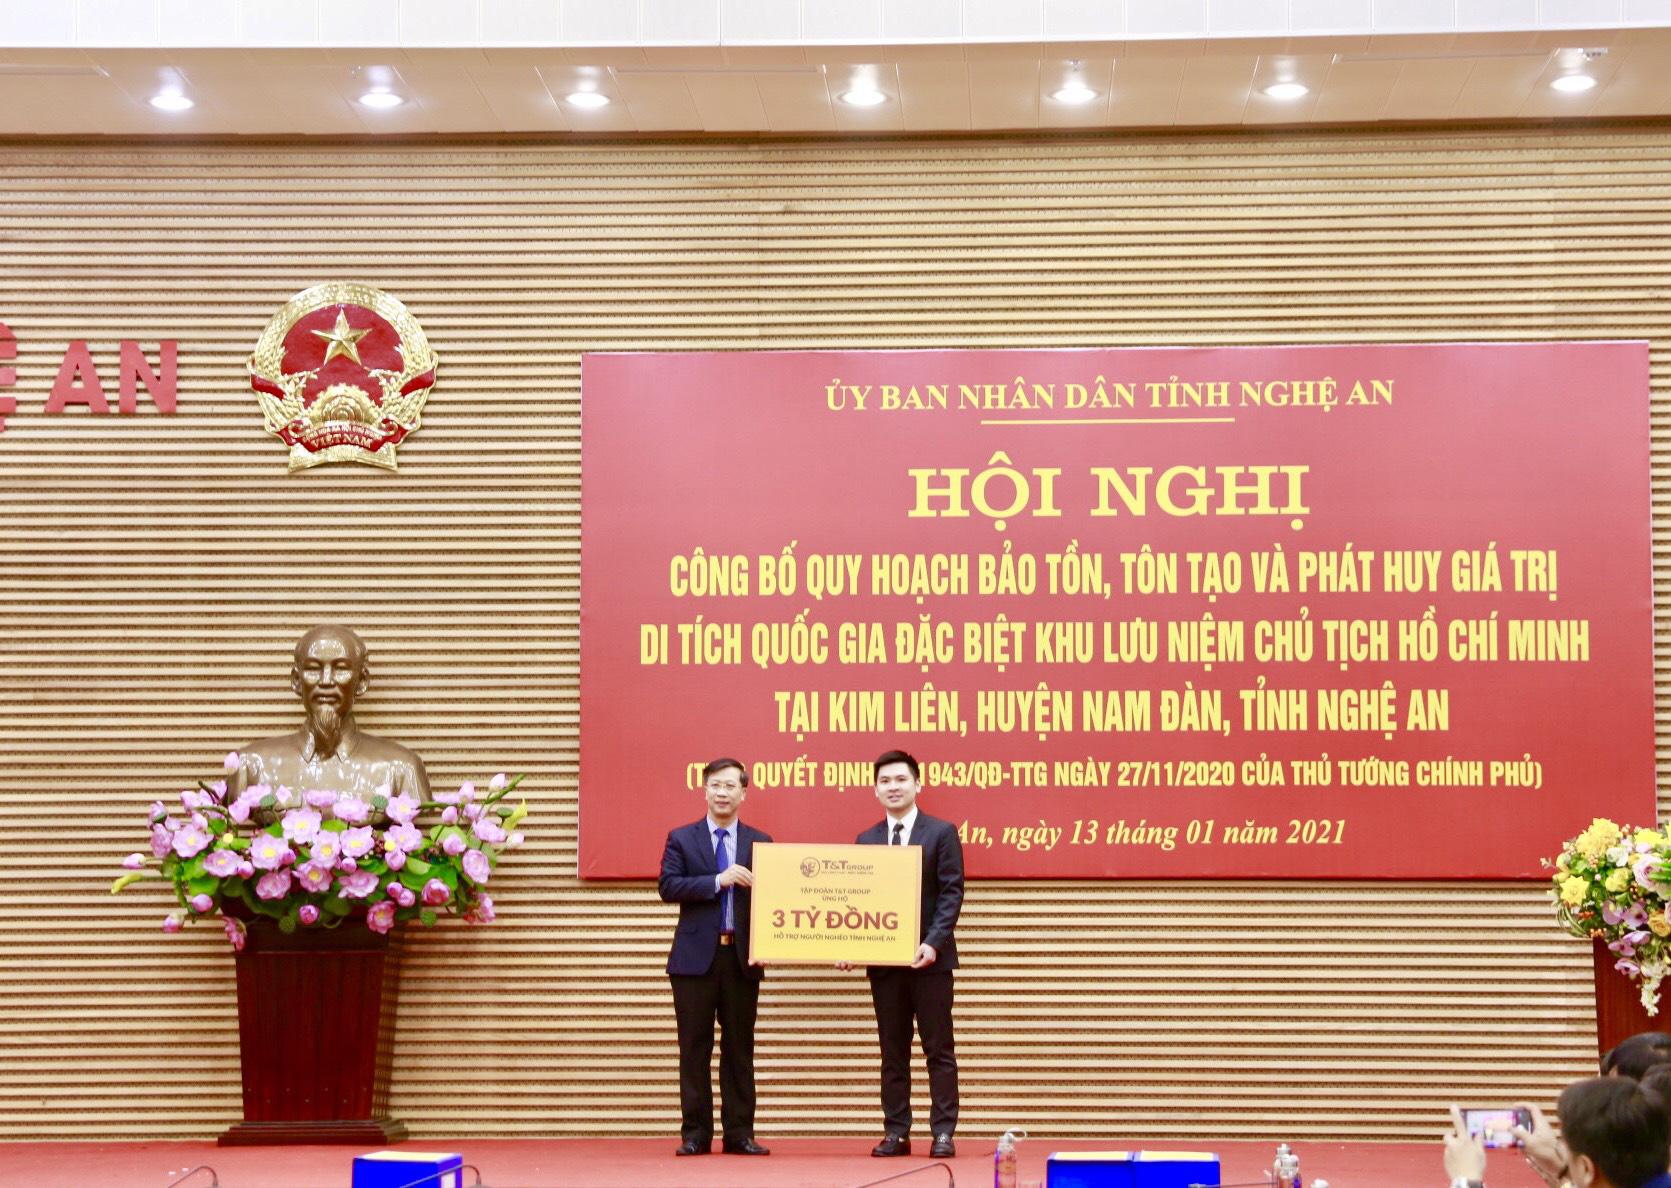 Công bố Quy hoạch bảo tồn, tôn tạo và phát huy giá trị Khu lưu niệm Chủ tịch Hồ Chí Minh tại Nghệ An - Ảnh 4.